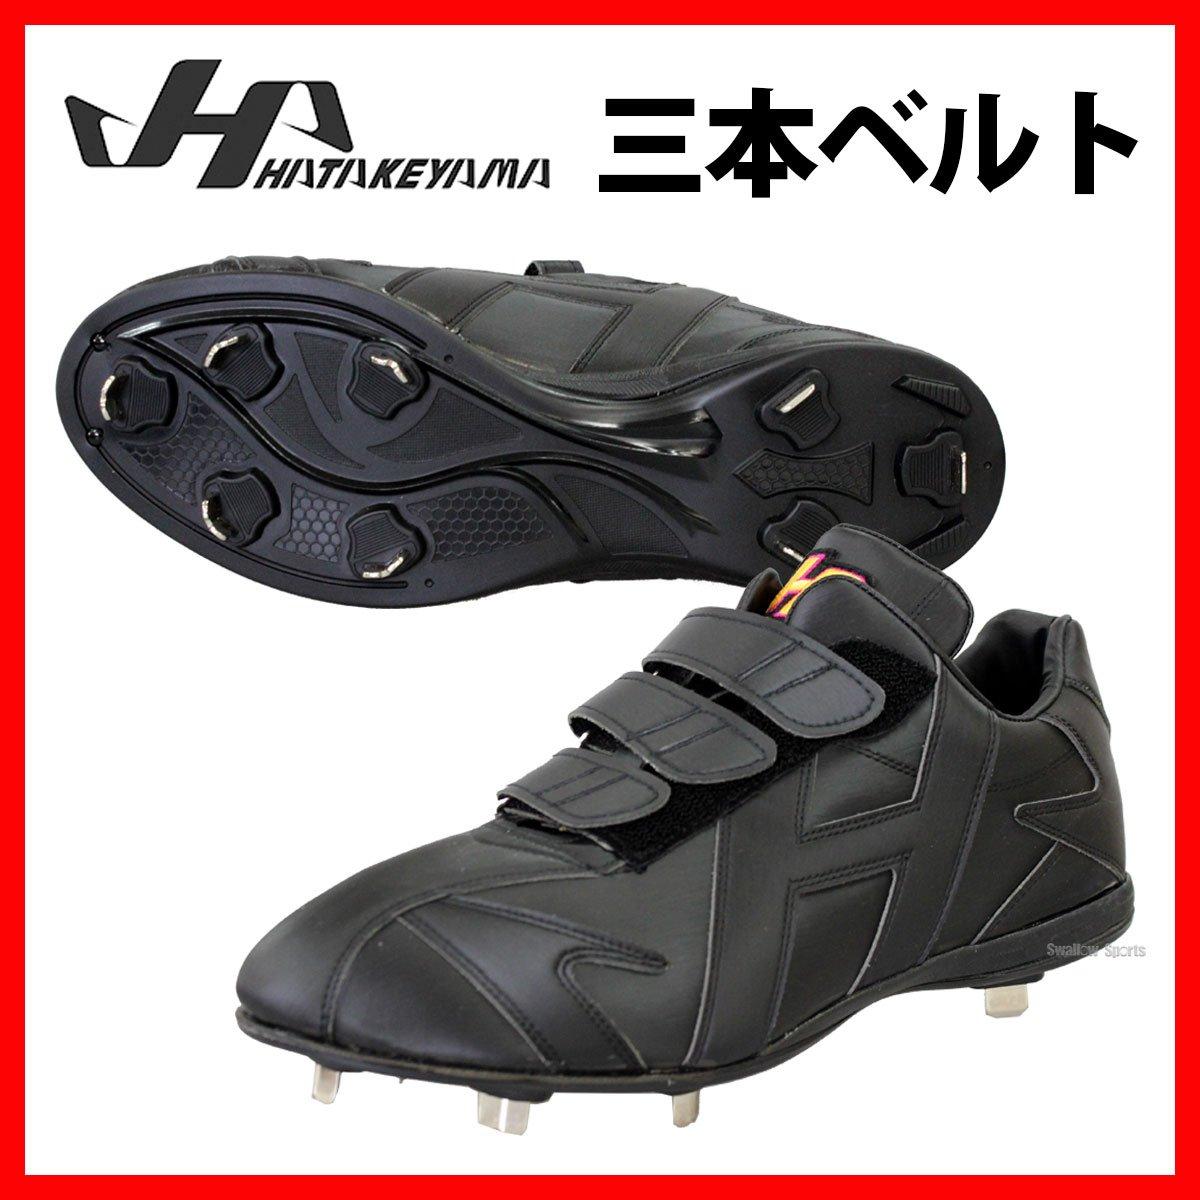 ハタケヤマ hatakeyama 限定 スパイク マジックテープ ベルクロ 3本ベルト式 KT-SP3TB B06Y5HZT6L 28.5cm ブラック